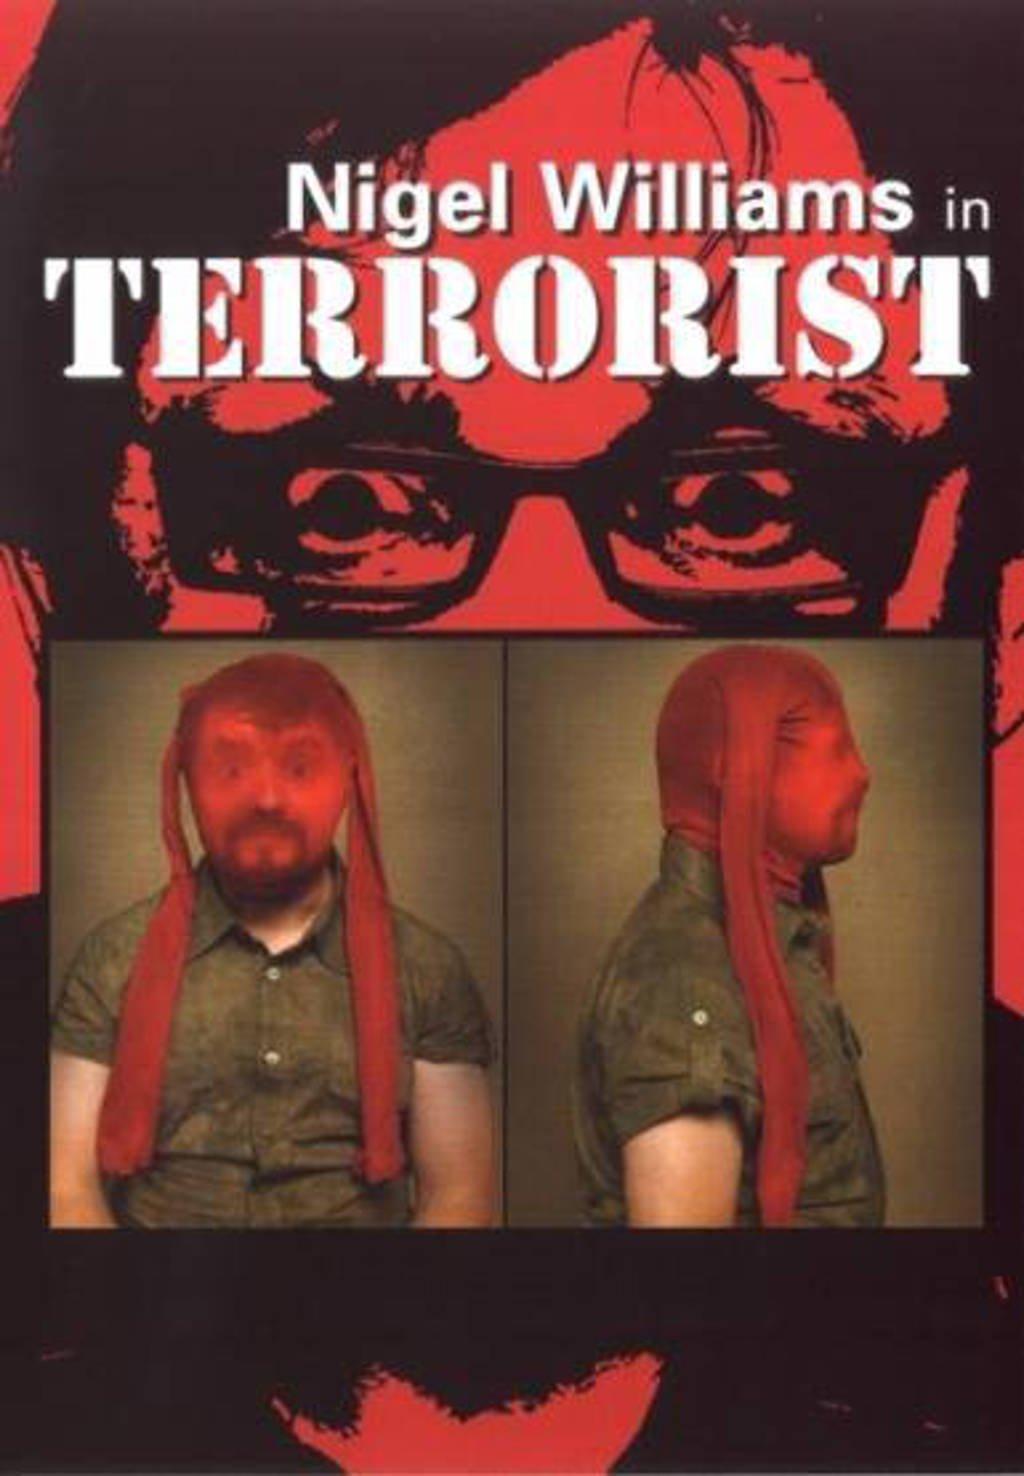 Nigel Williams - Terrorist (DVD)